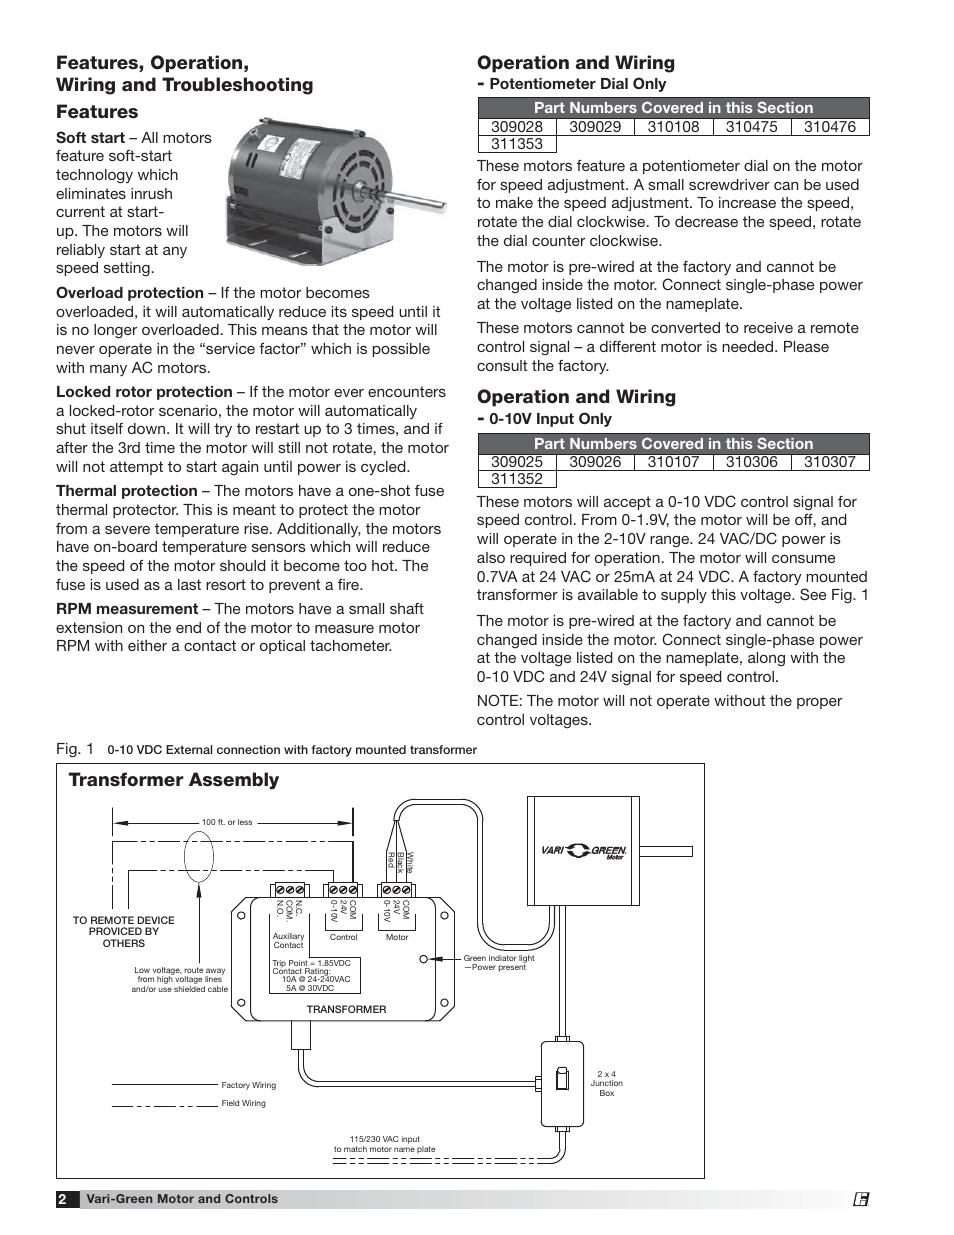 medium resolution of operation and wiring transformer assembly greenheck vari green motor iom 473681